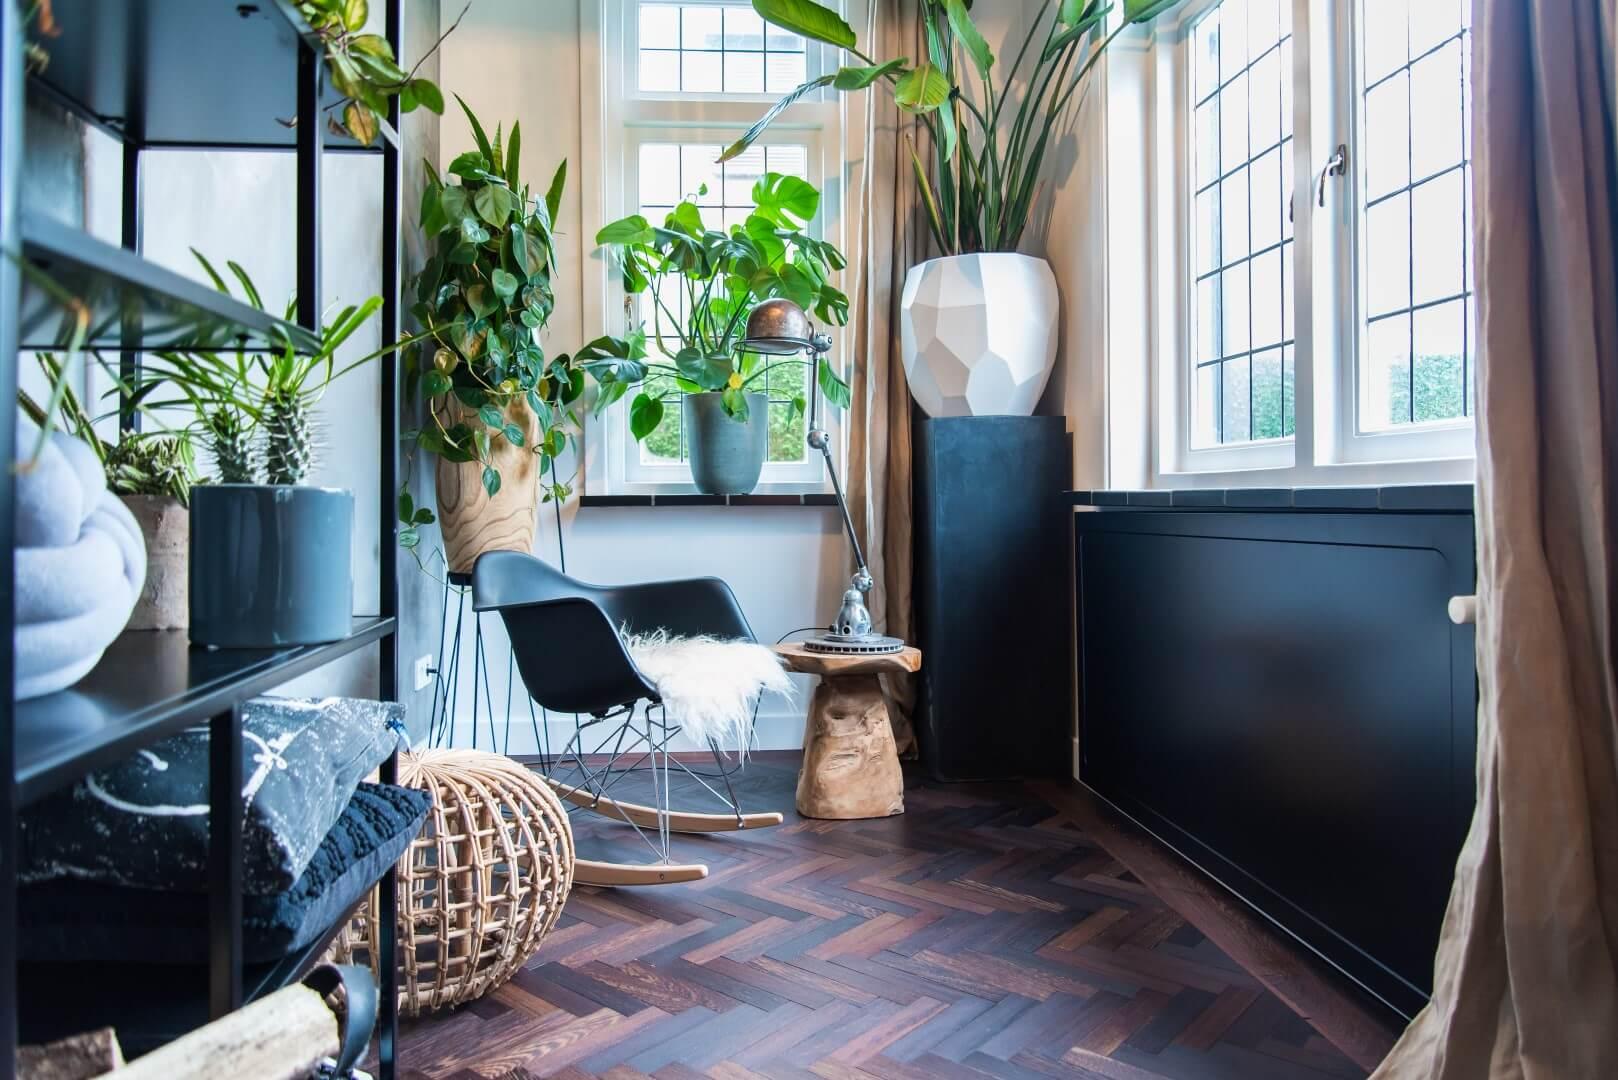 Tendances : Embellissez votre intérieur avec un cache-radiateur foncé